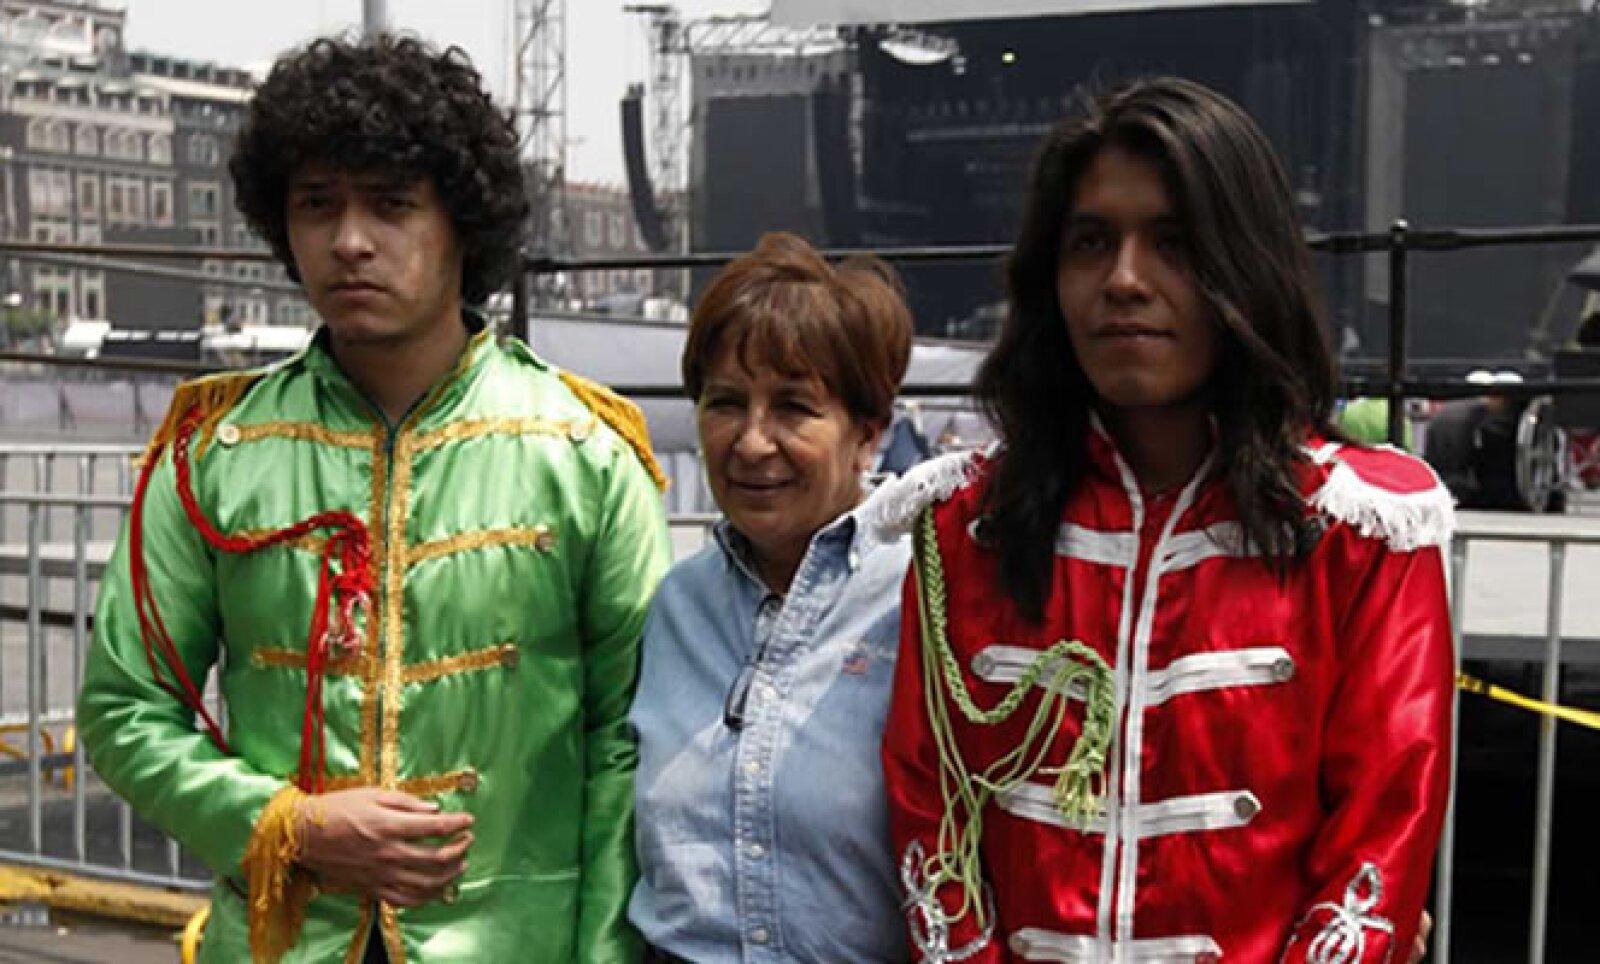 Algunos fans se disfrazaron como el 'Cuarteto de Liverpool' para ver el concierto de McCartney, que empezará a las 20:00 horas.